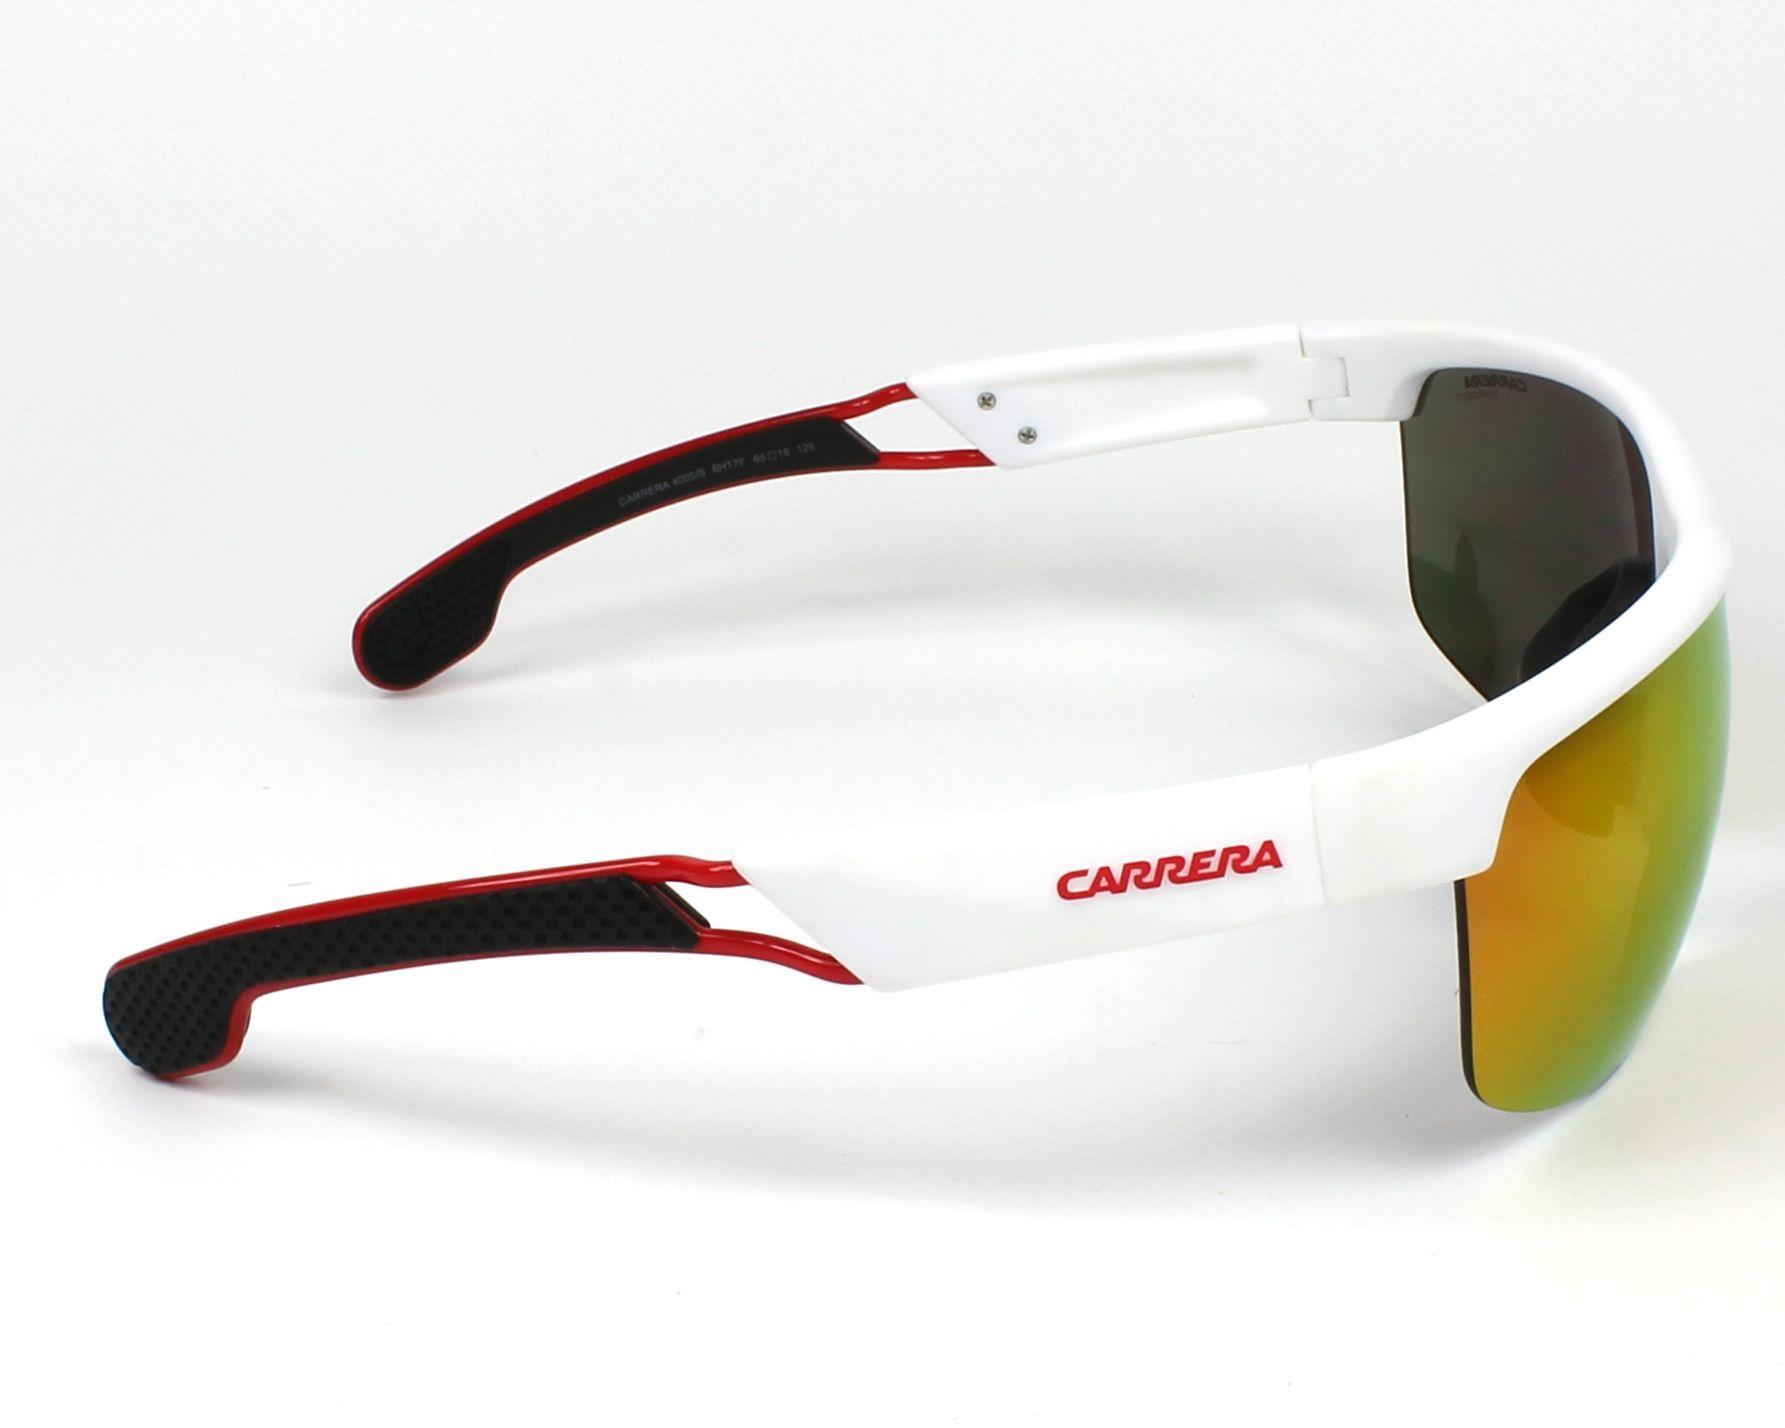 Carrera Carrera 4005/s 6ht/7f kYNKjKMj